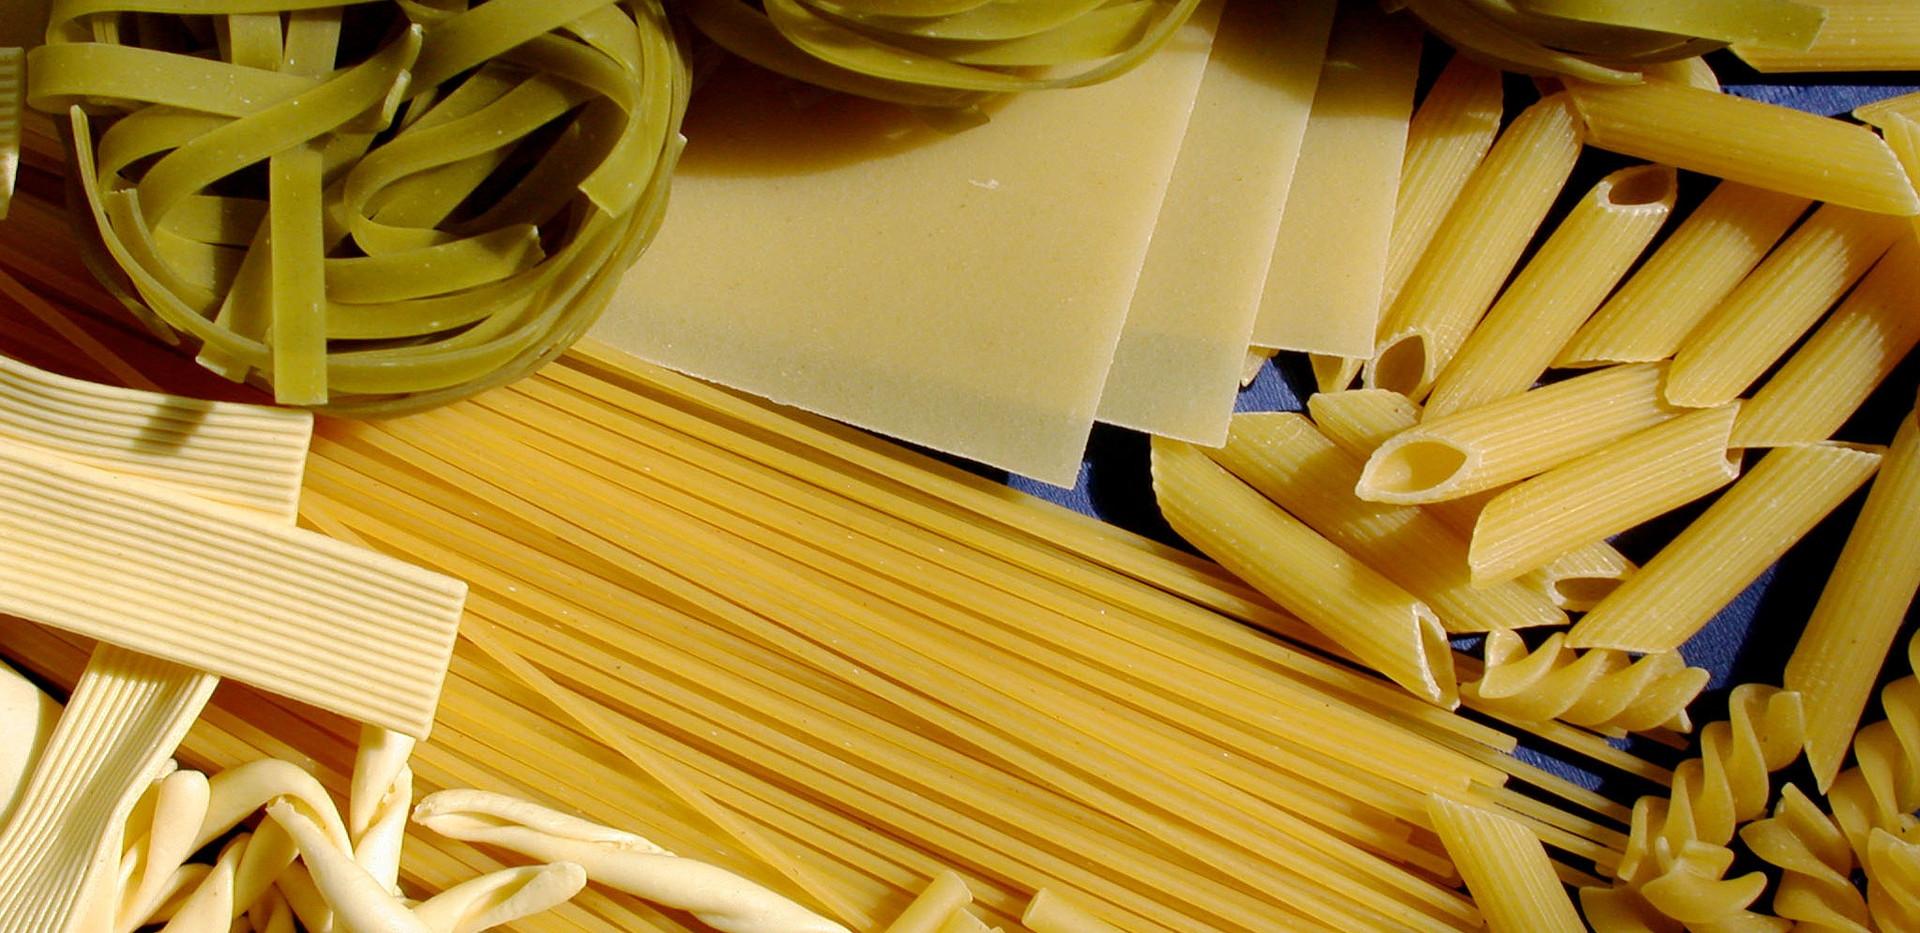 noodles-2159543_1920.jpg